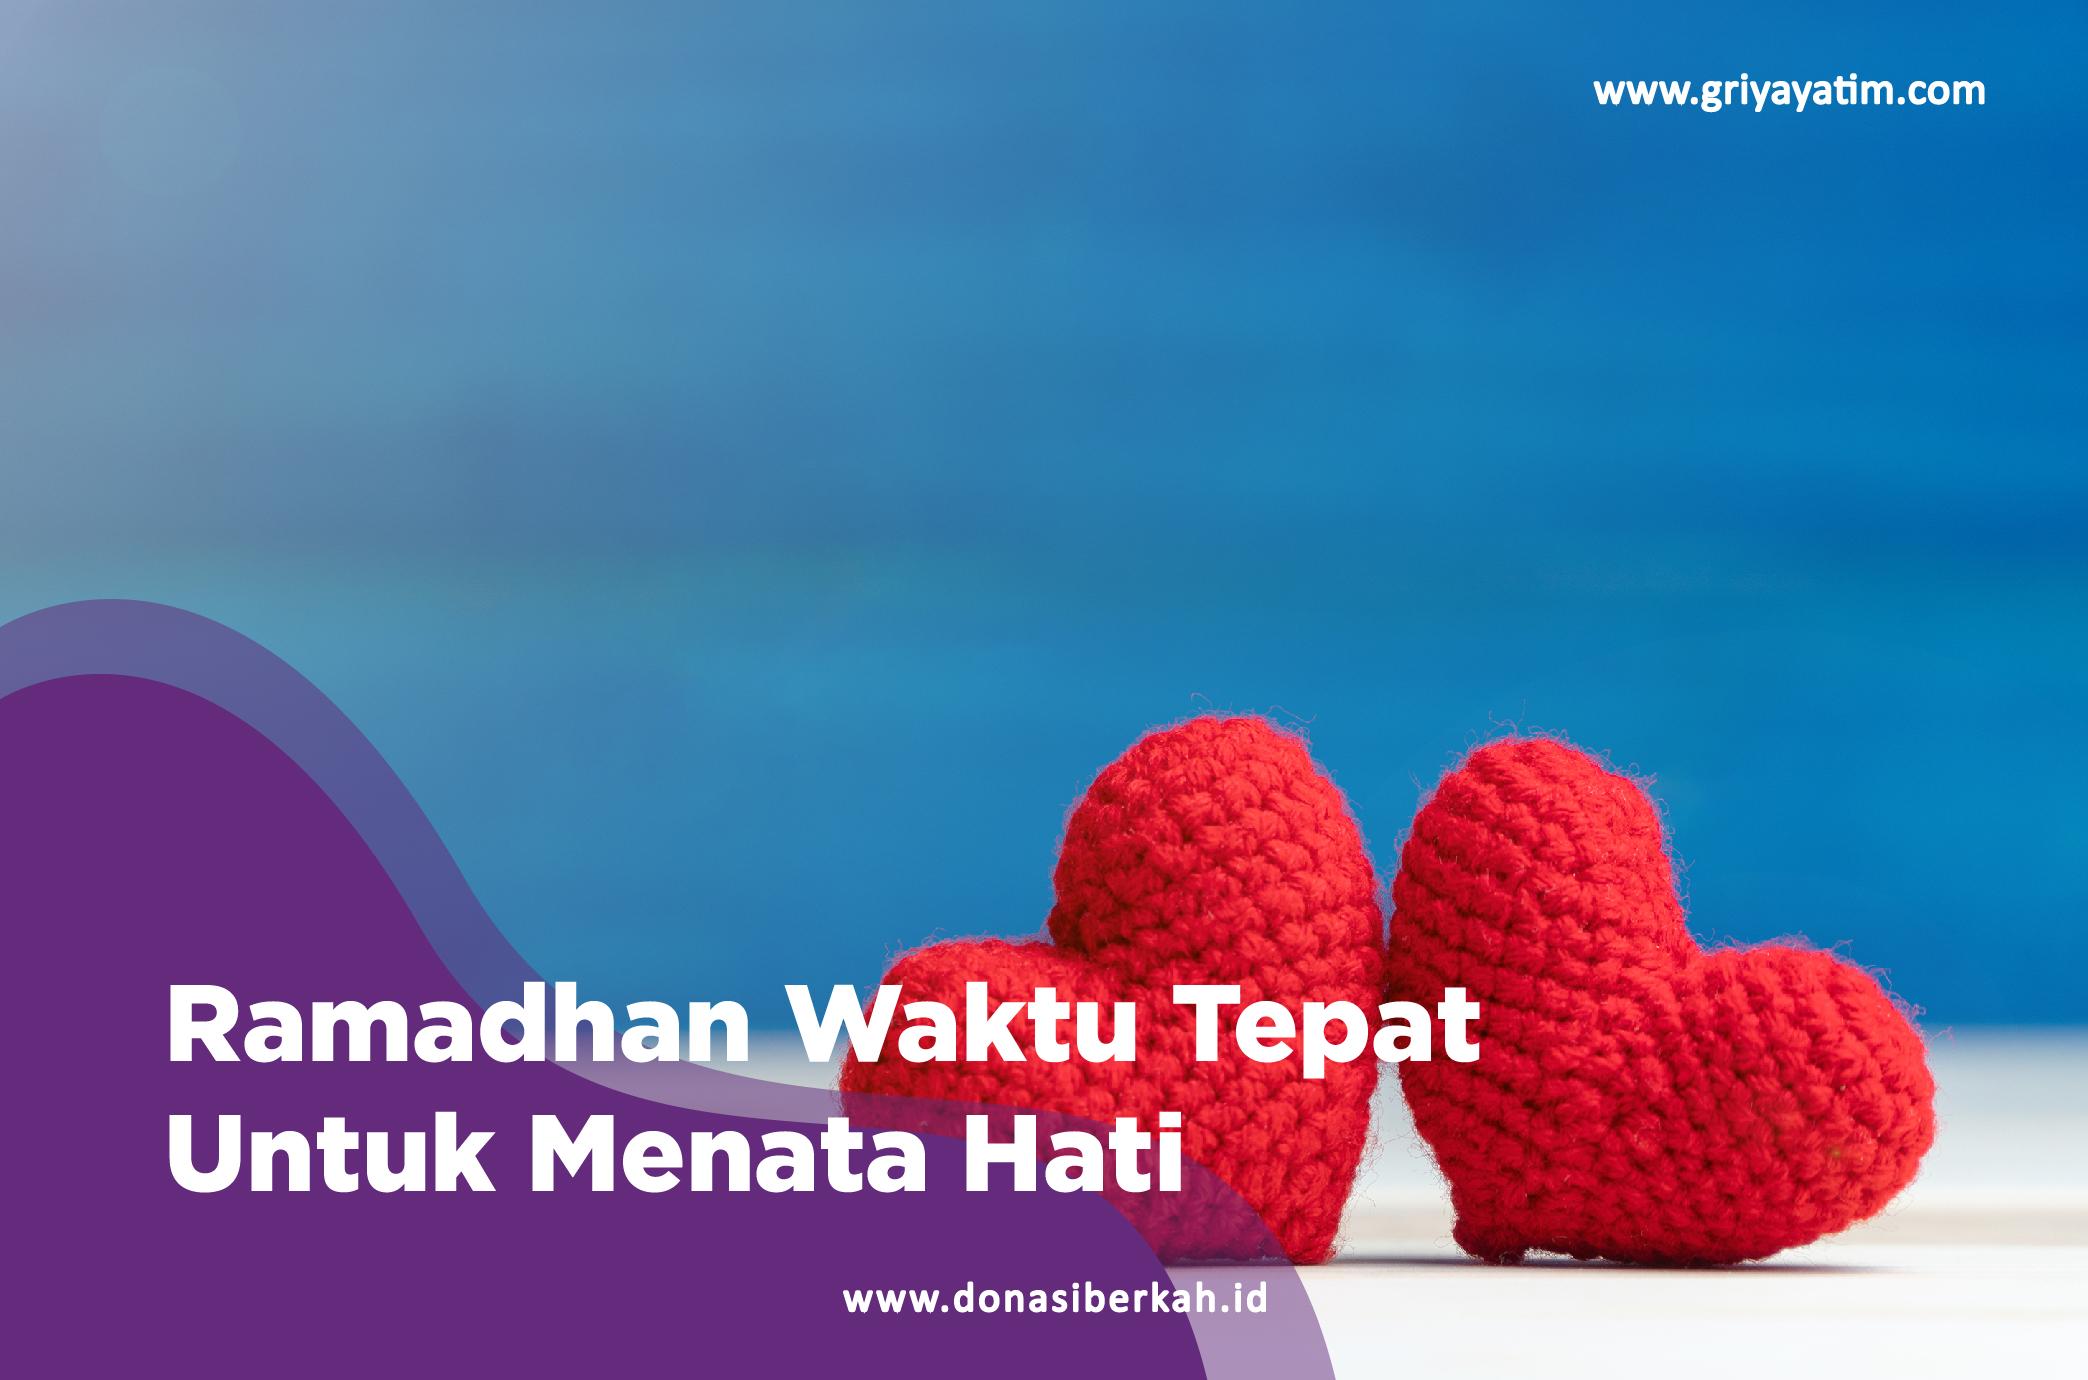 Ramadhan Waktu Tepat Untuk Menata Hati